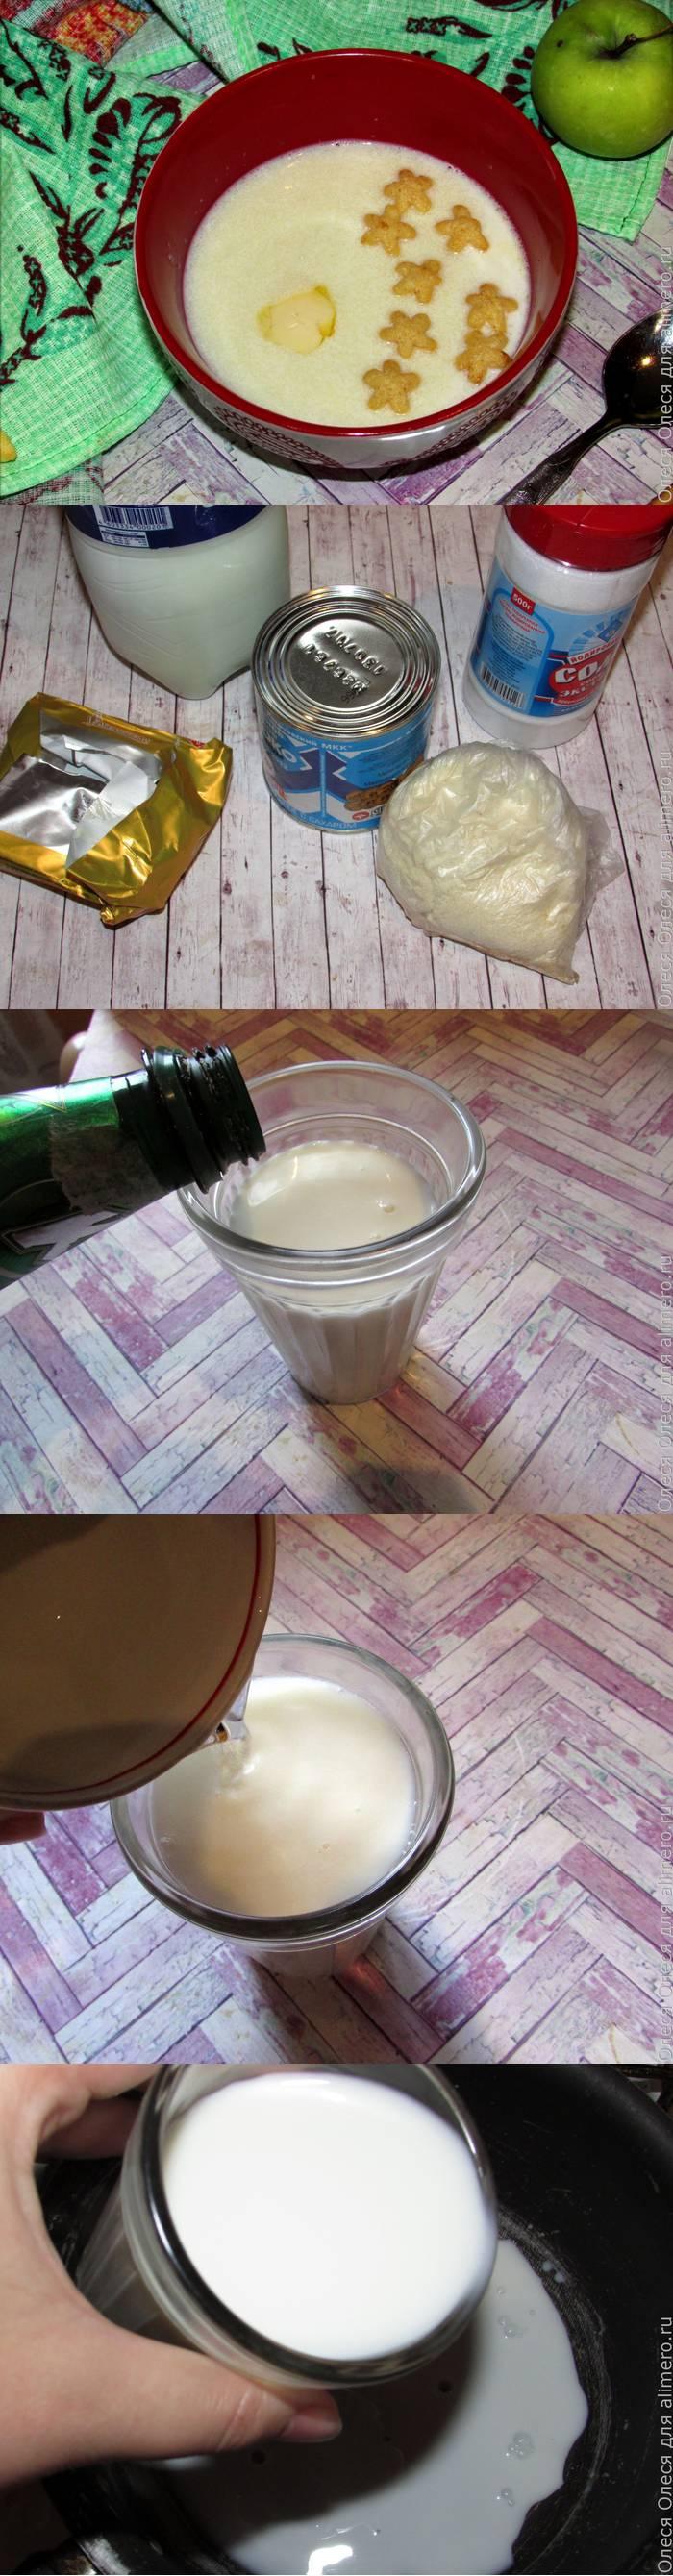 Варить манную кашу рецепт пошагово